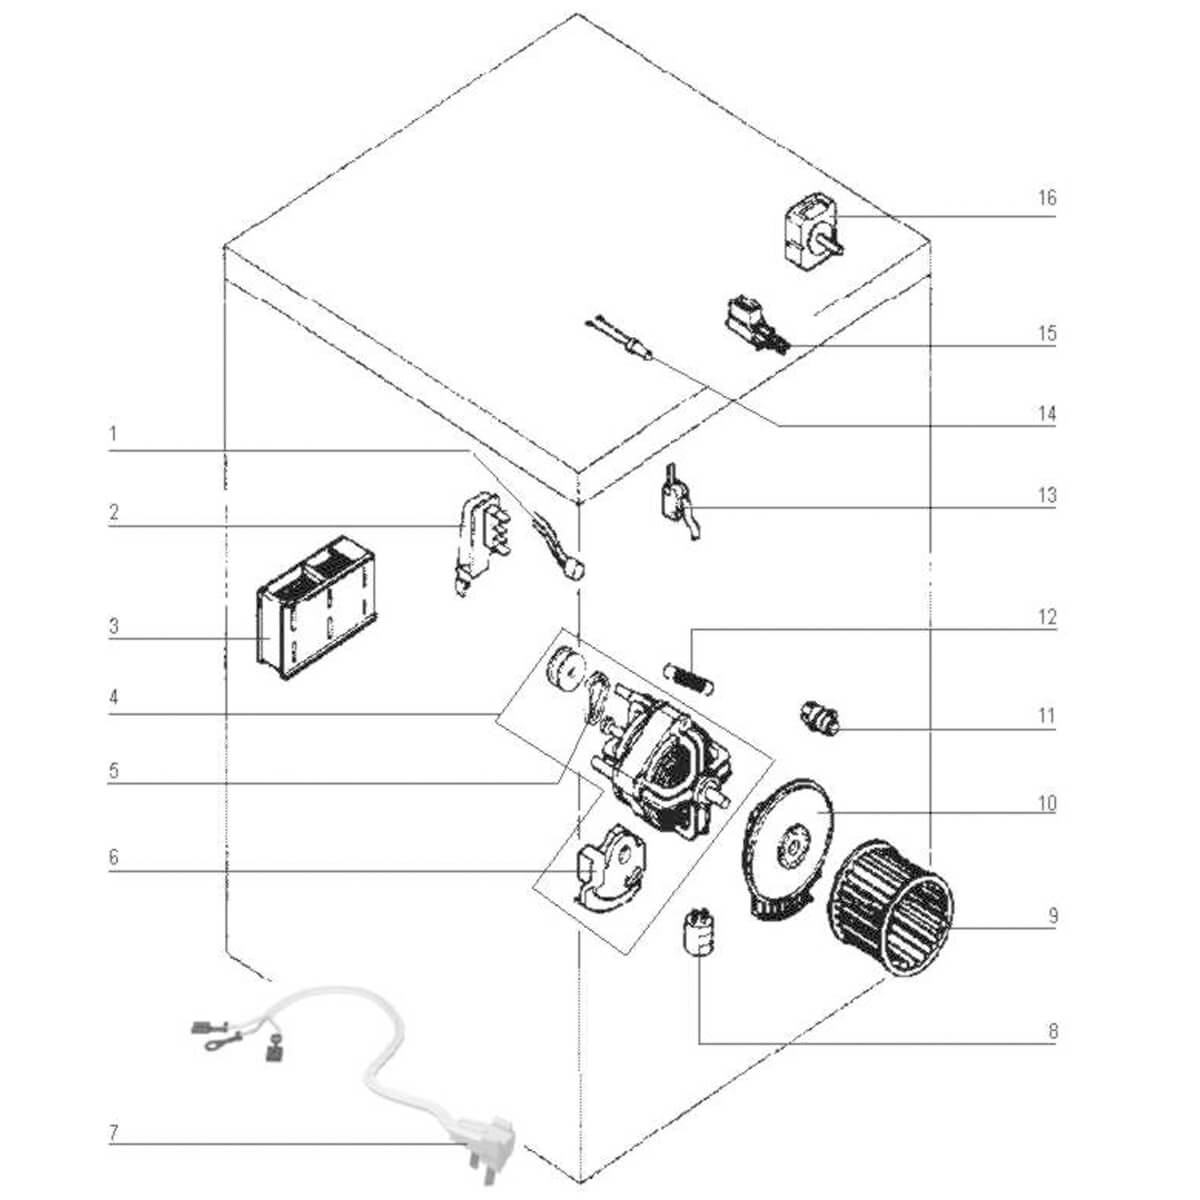 Correia Do Motor Para Secadora Se10 Electrolux - 36157009